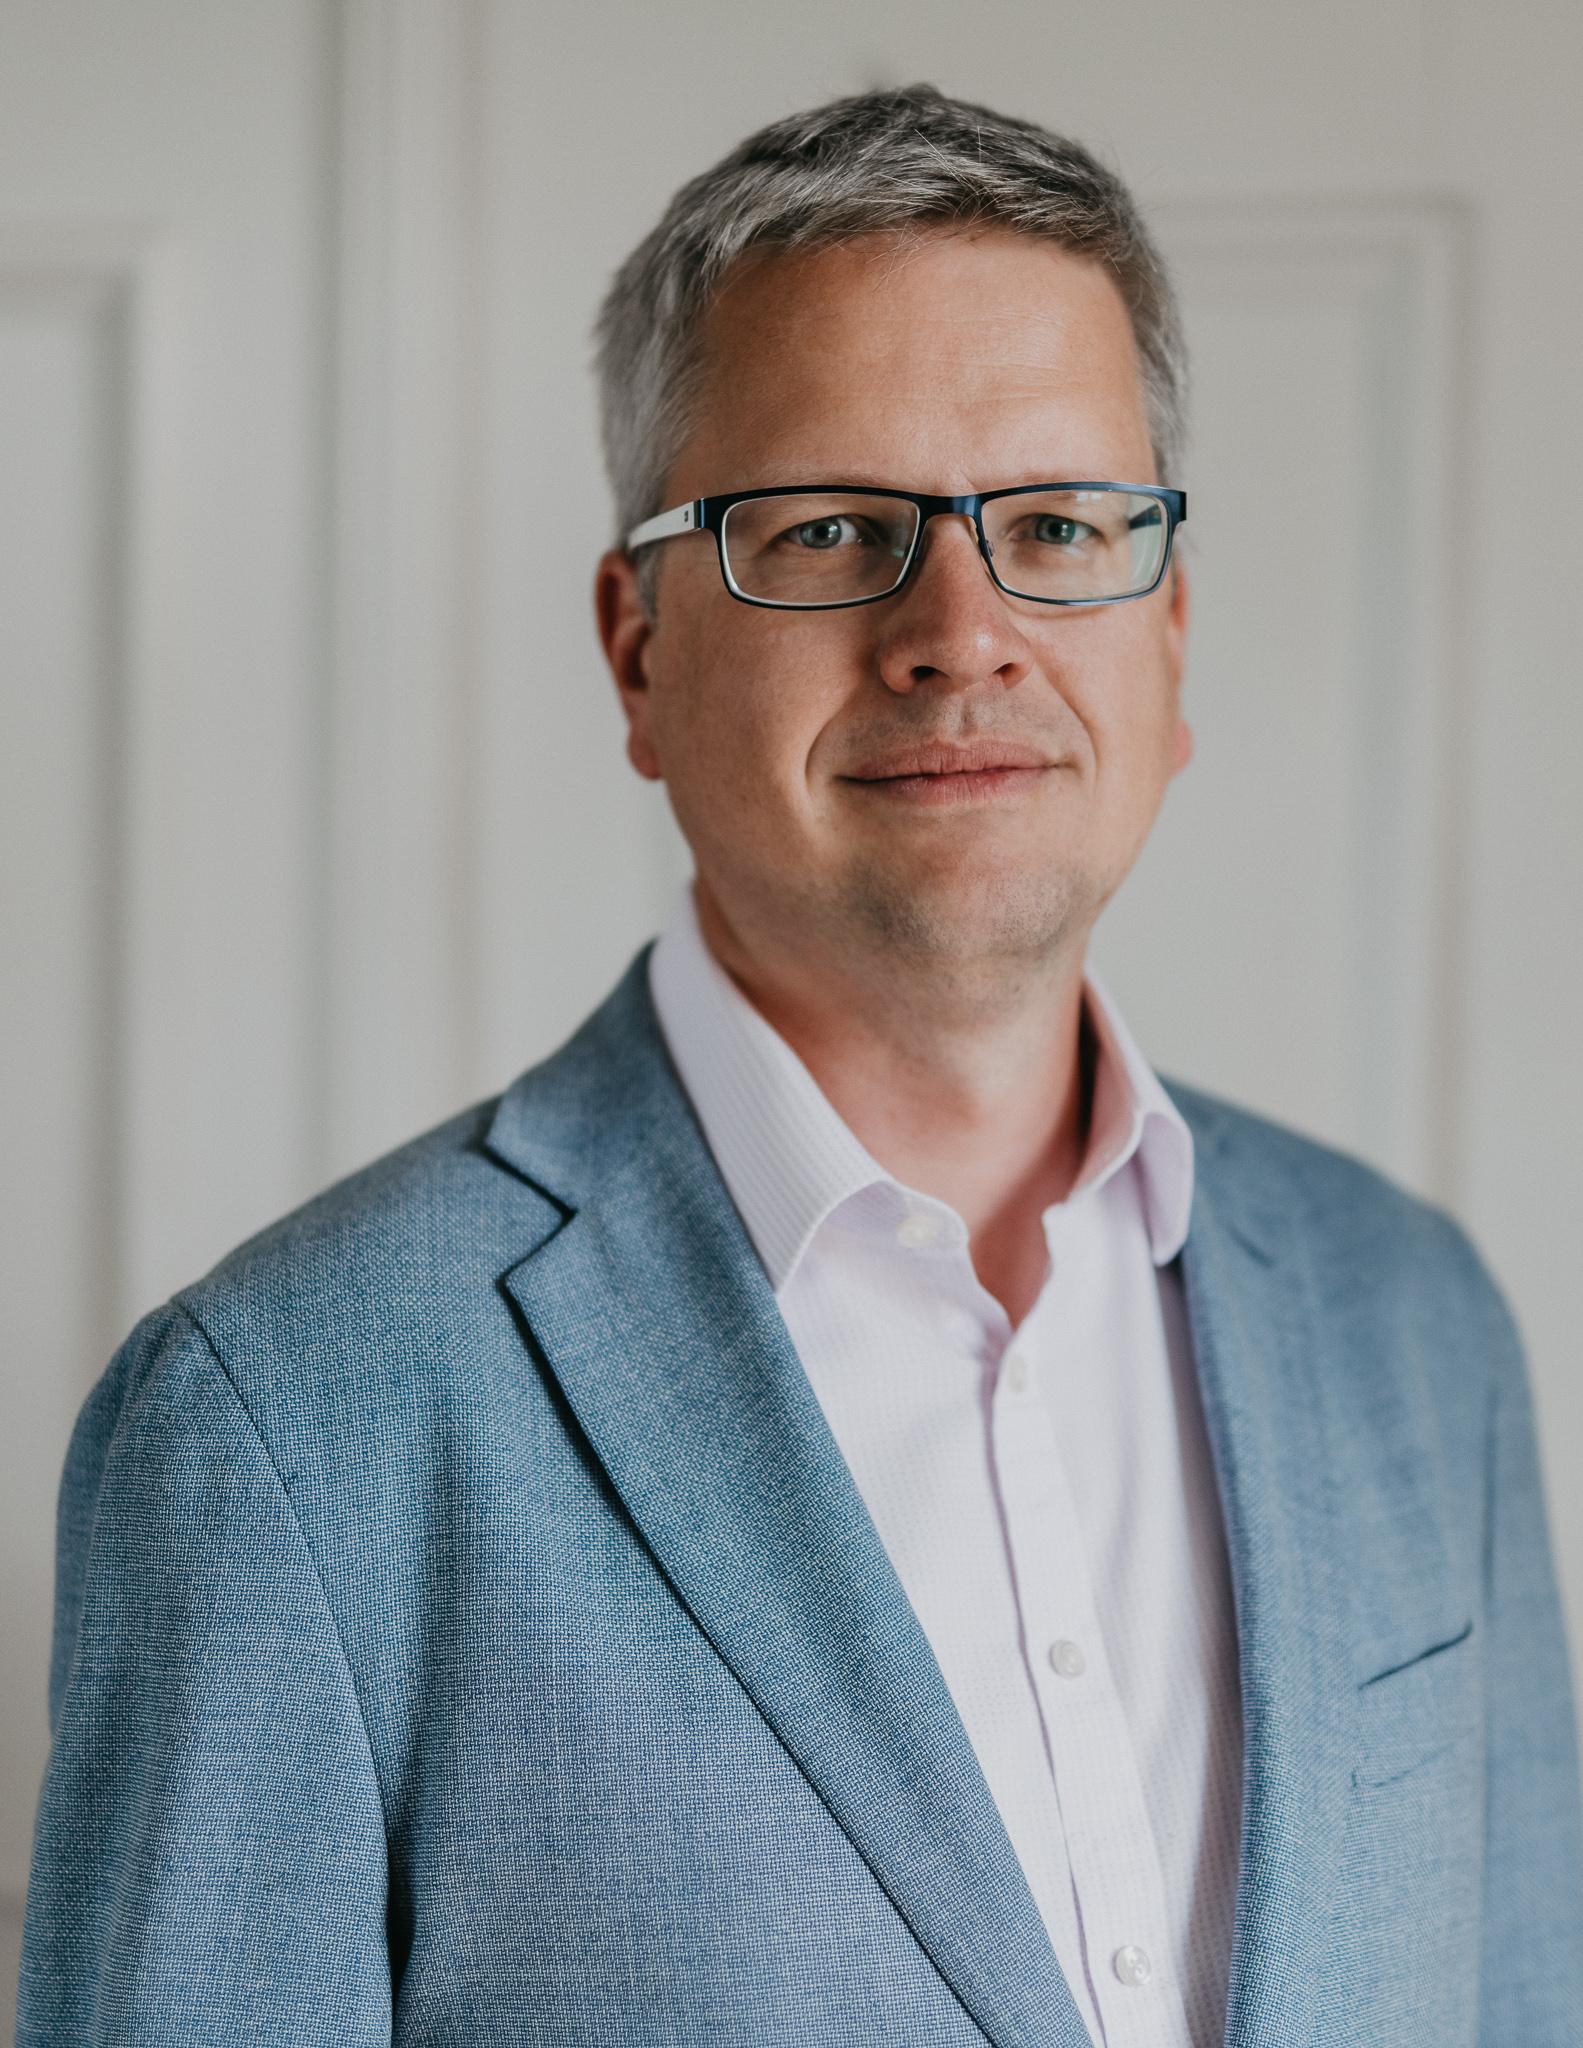 Tomas Ptacek